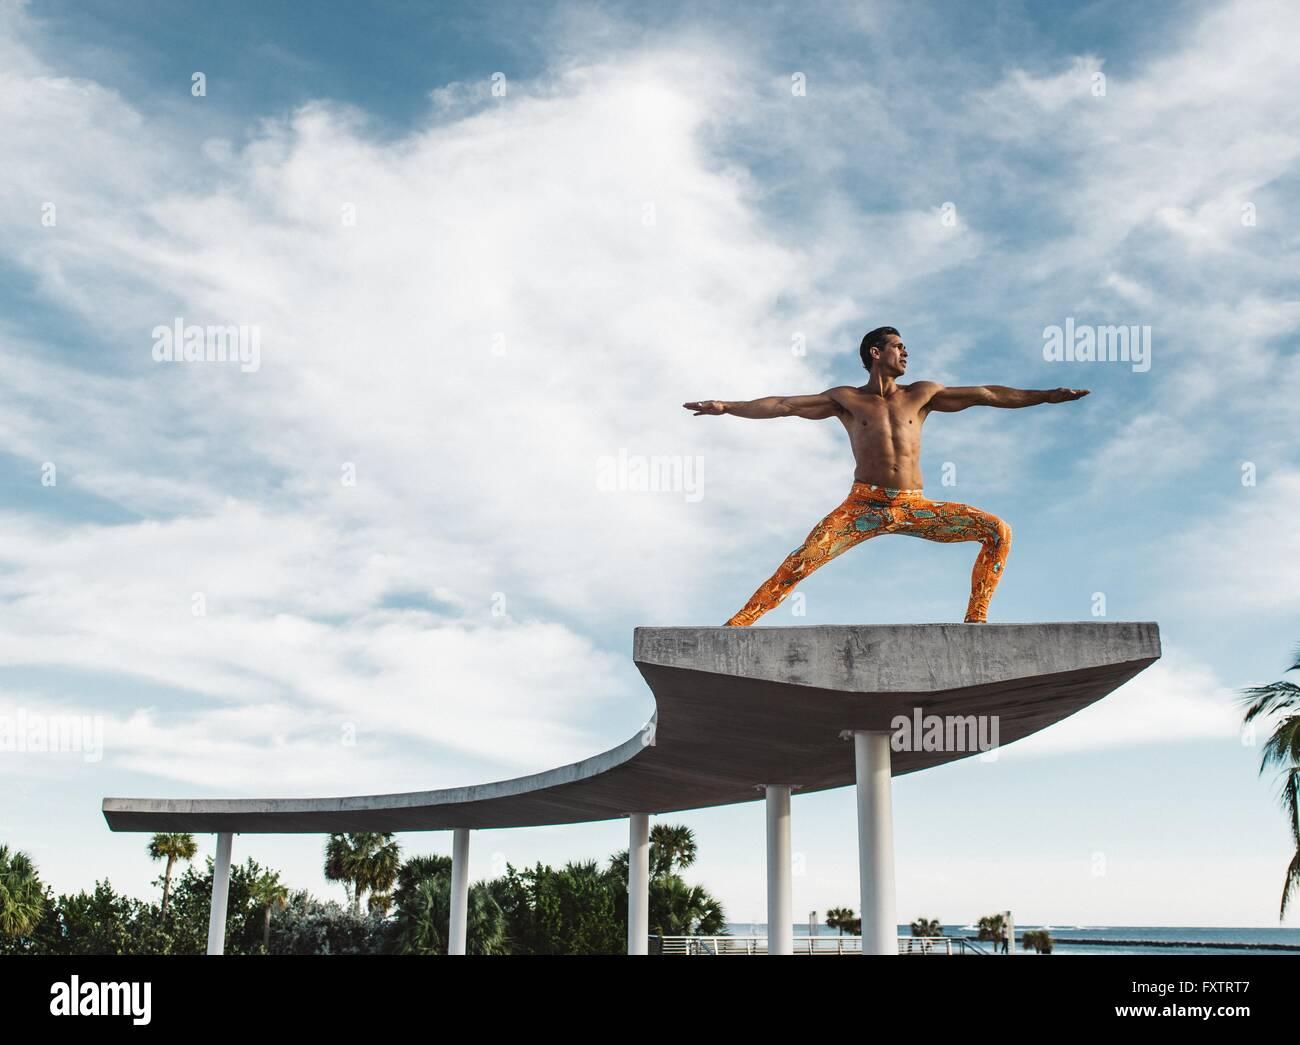 Hombre maduro equilibrio sobre la estructura, el parque South Pointe, South Beach, Miami, Florida, USA. Imagen De Stock